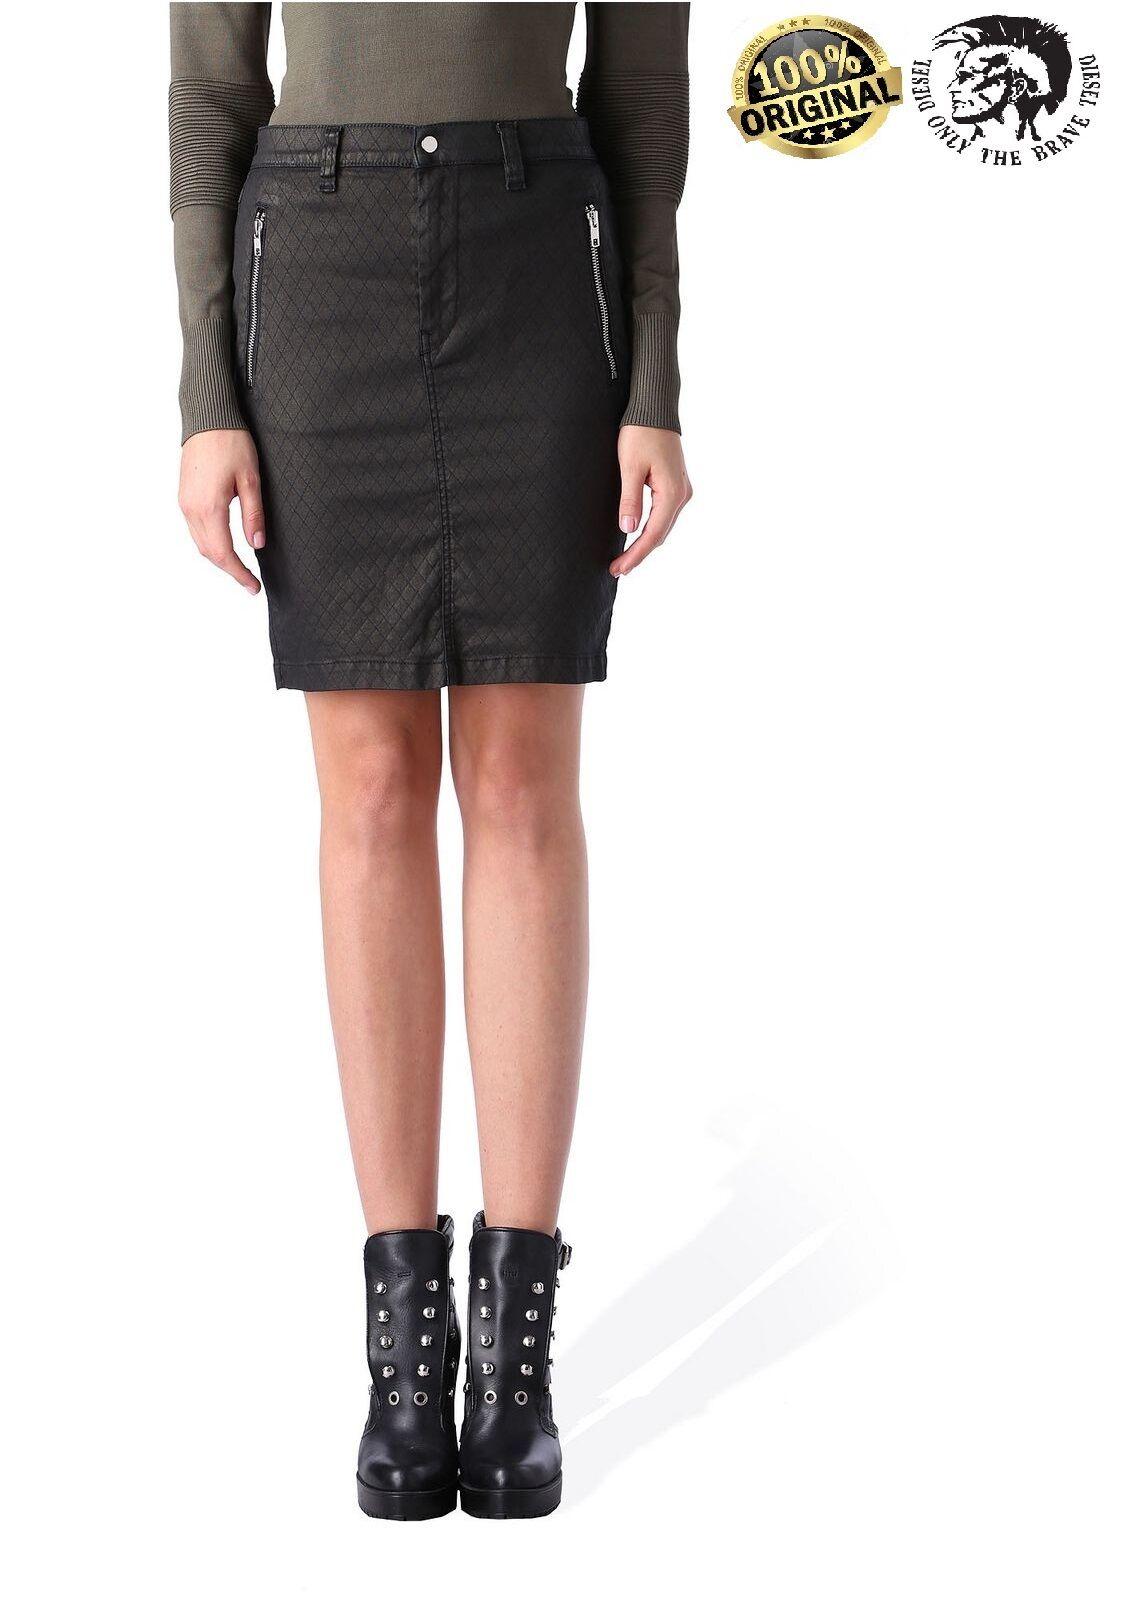 Diesel Women Skirt DIESEL DE - FRANK 02 GONNA Denim mini Skirt all Sizes RRP110